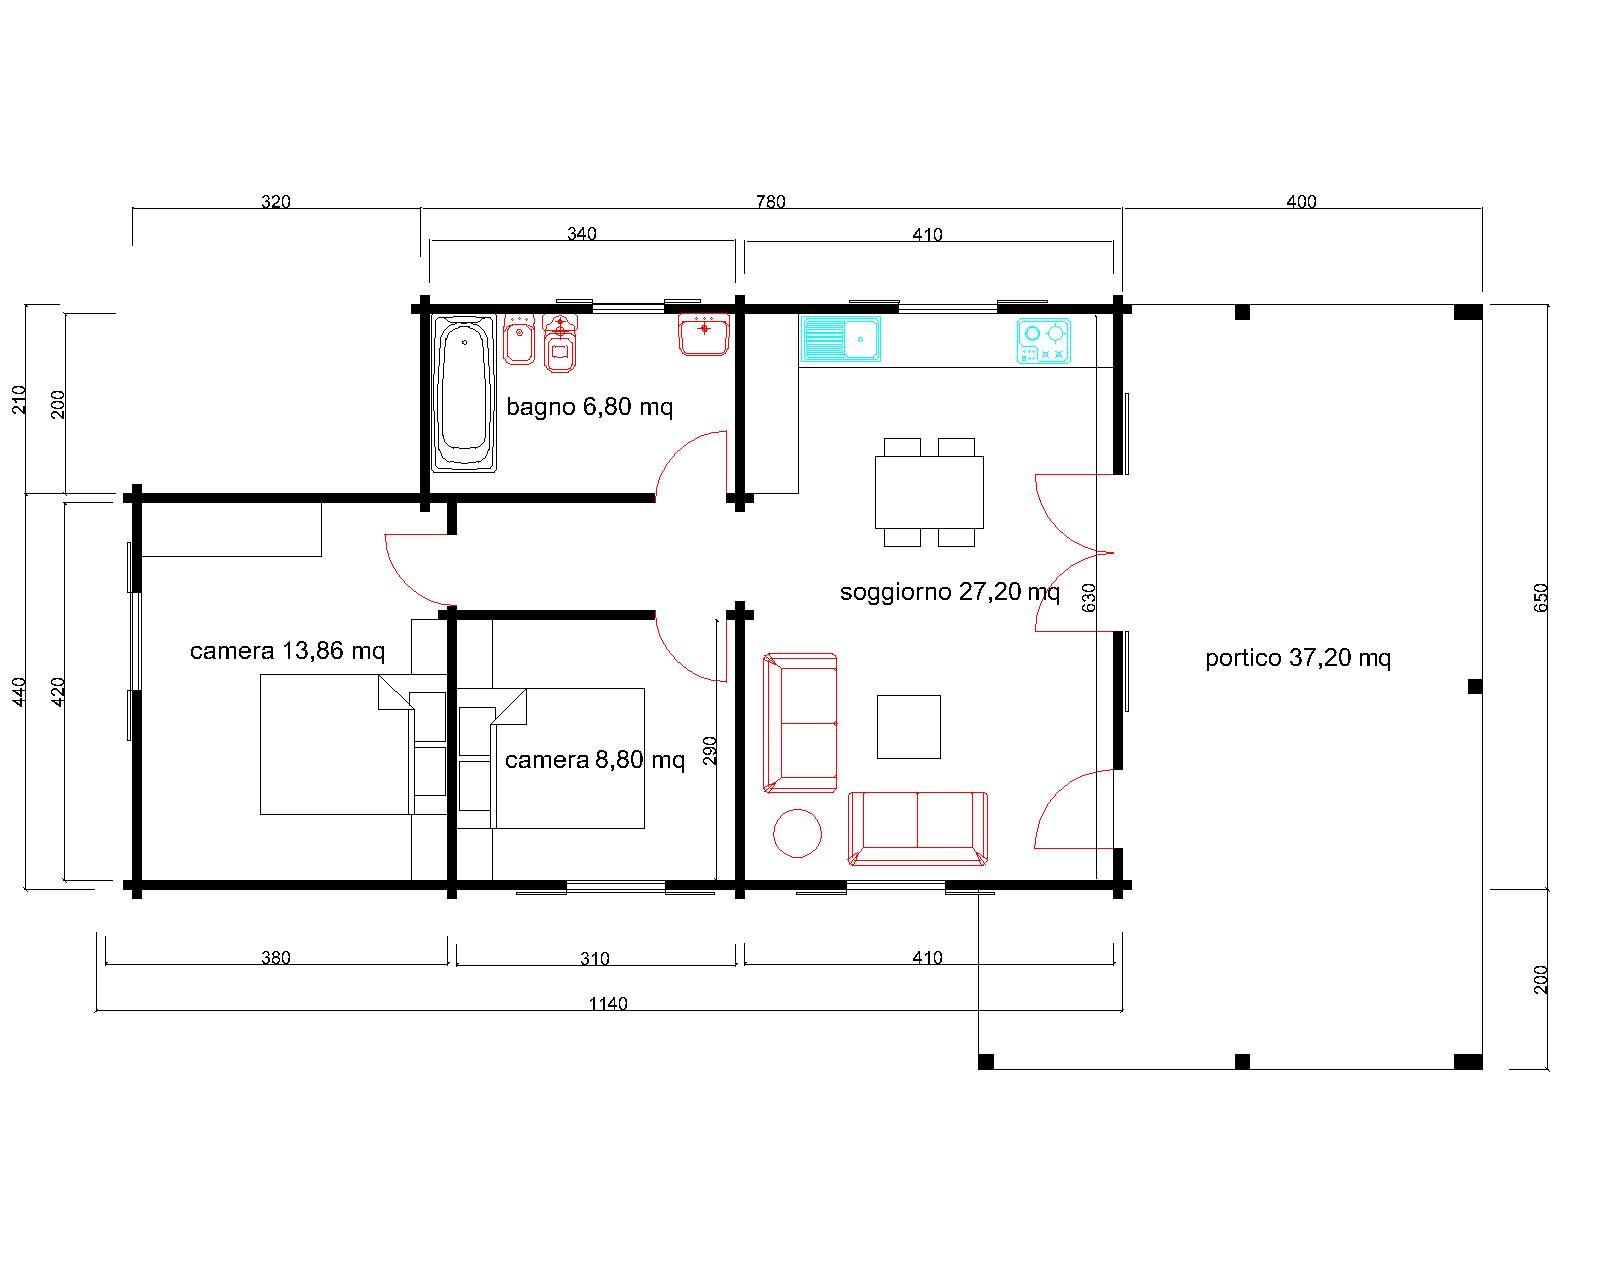 Progetti di case in legno diana 65t37 - Progetto casa 80 mq ...